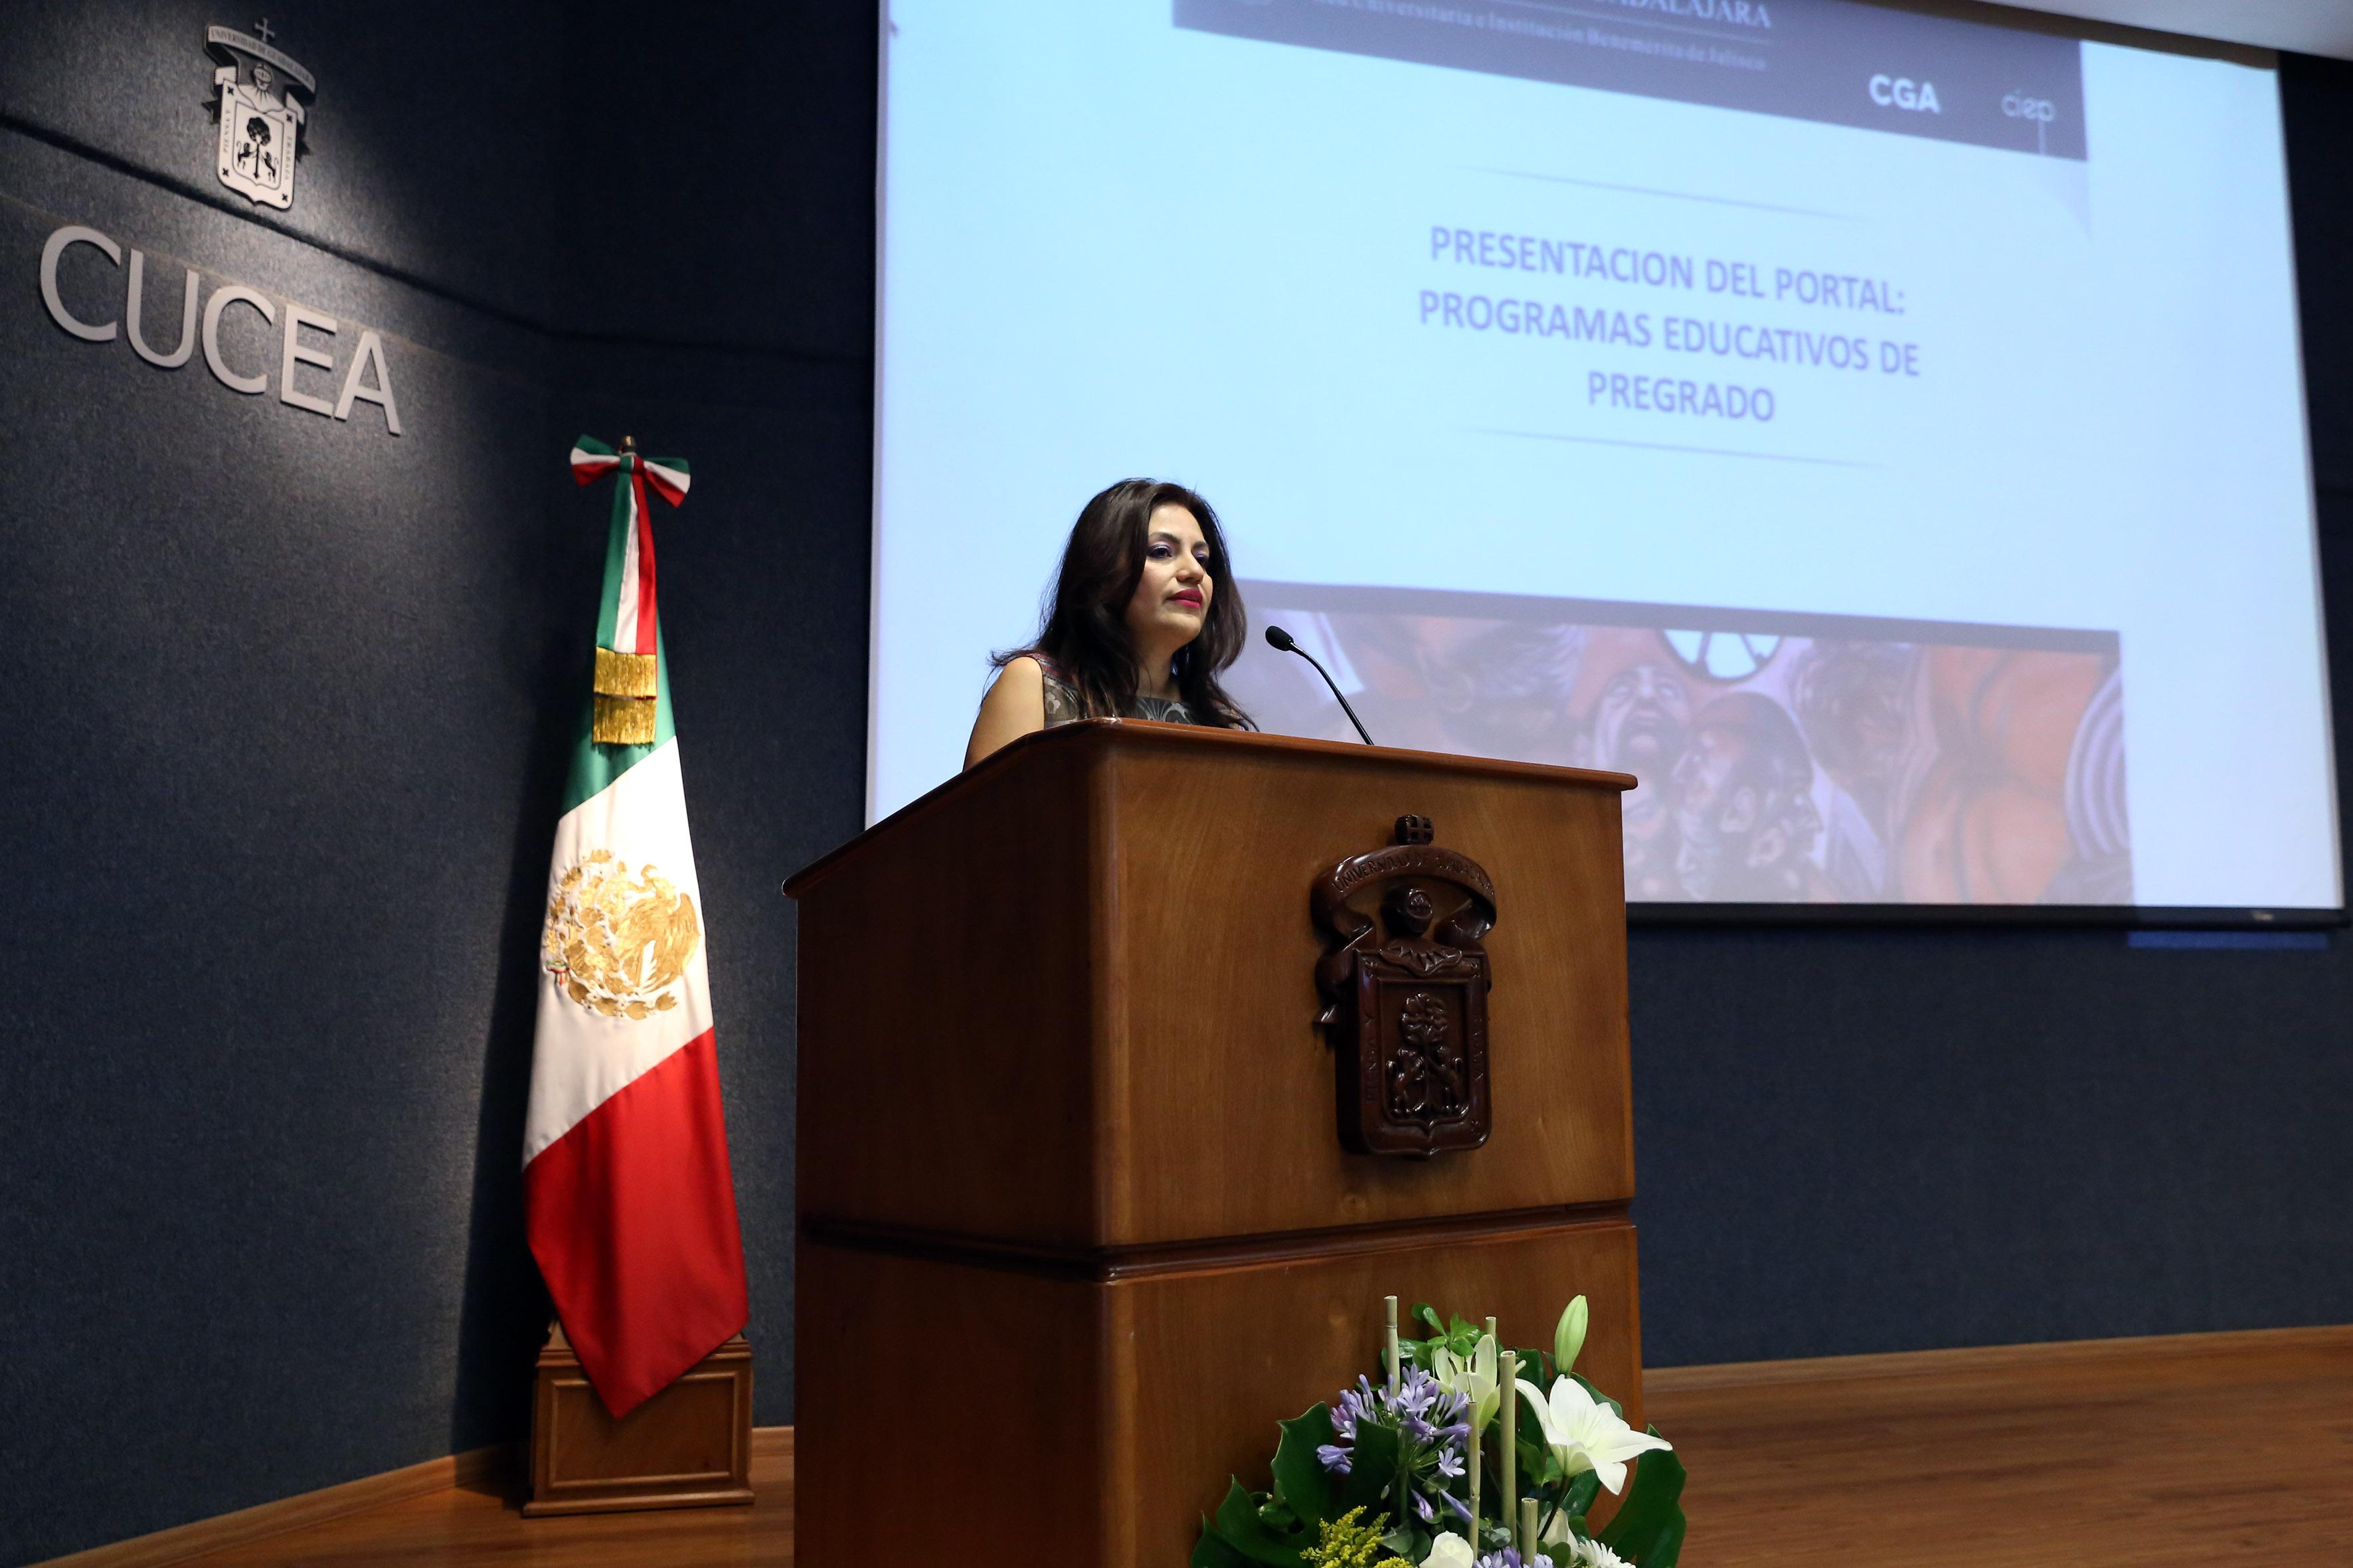 Doctora Patricia Rosas Chávez, coordinadora de Innovación Educativa y Pregrado, en podium del evento, haciendo uso de la palabra.